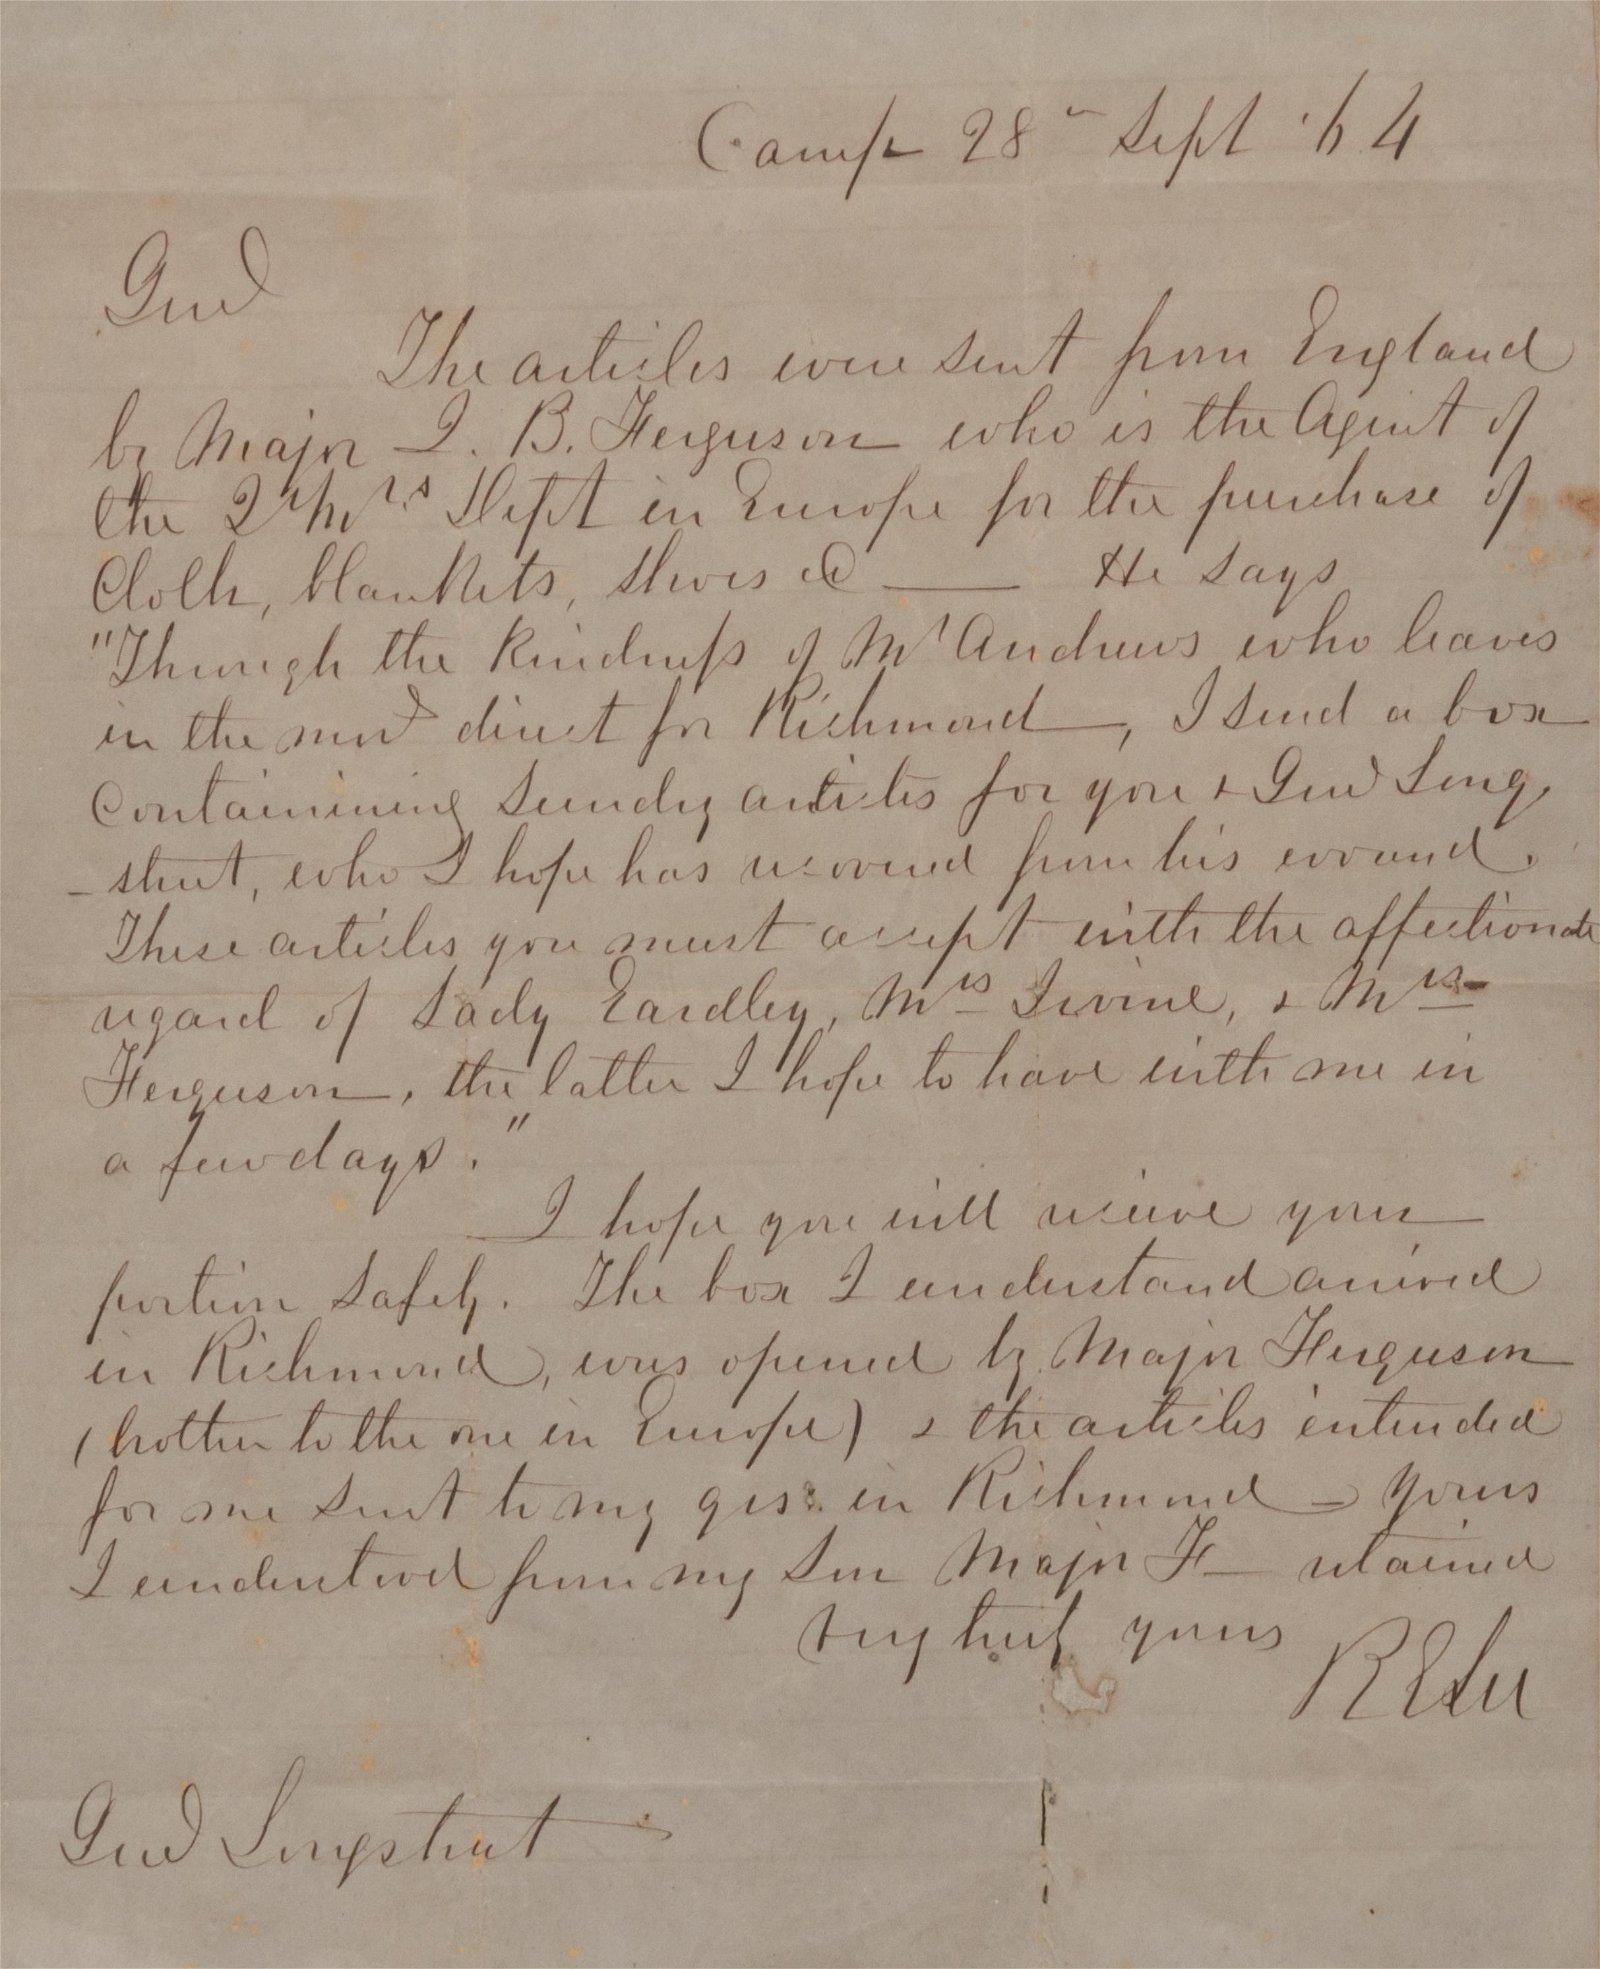 LEE, Robert E. (1807-1870). Autograph letter signed